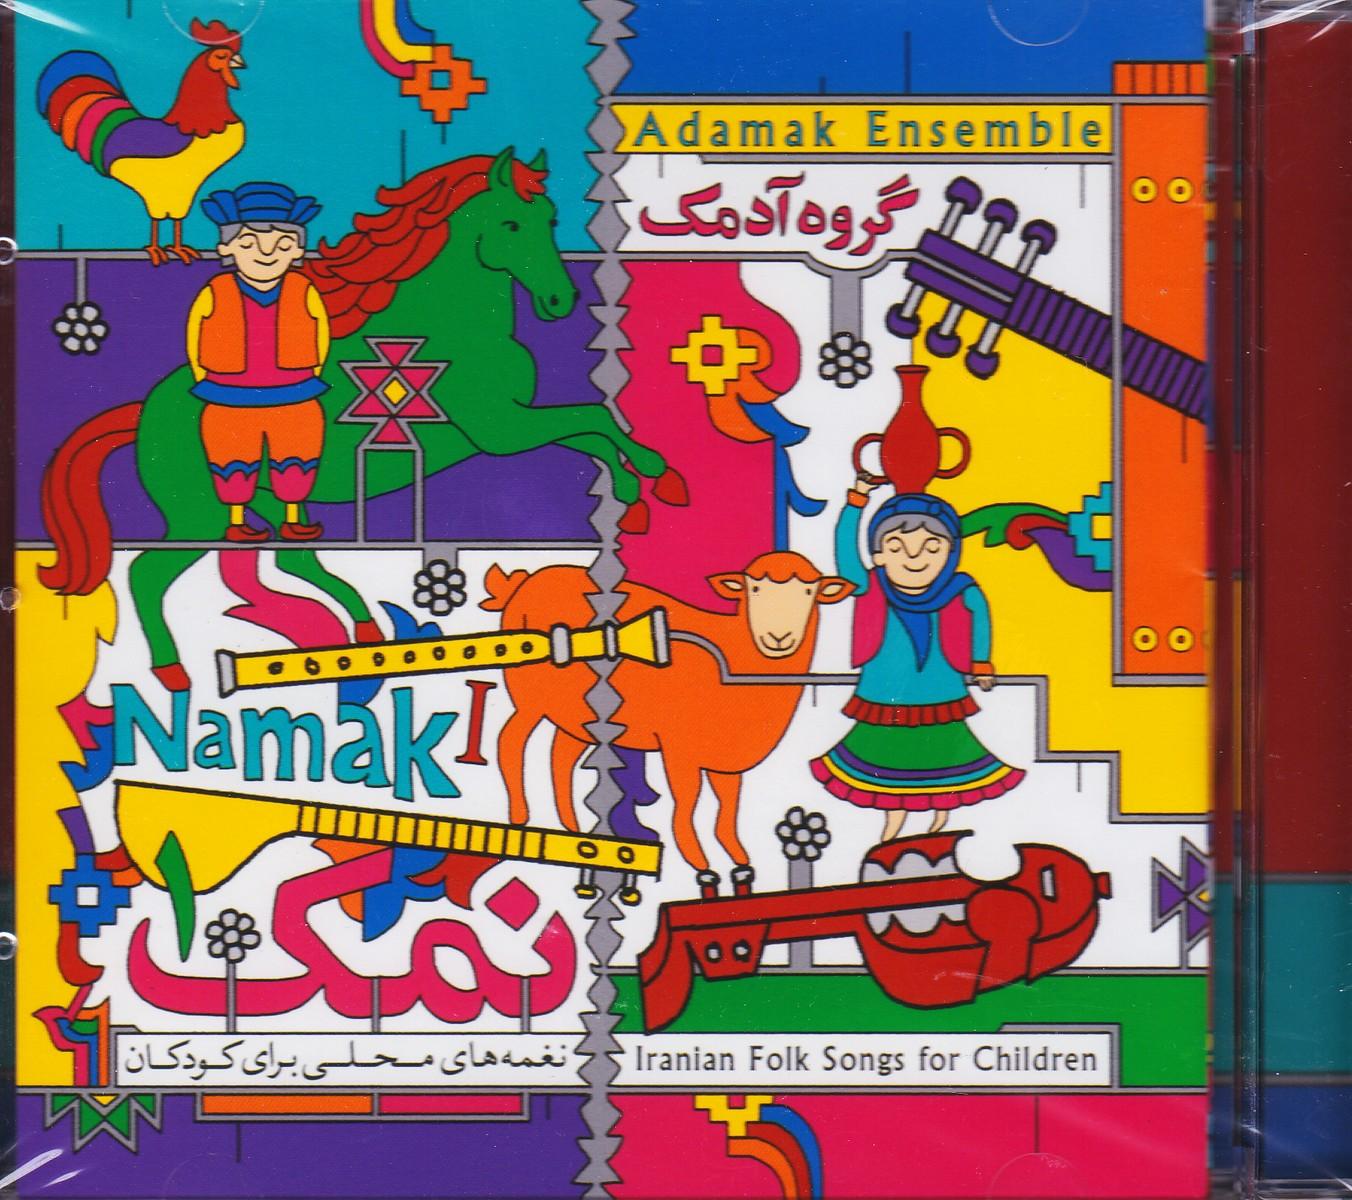 نمک: نغمه های محلی برای کودکان